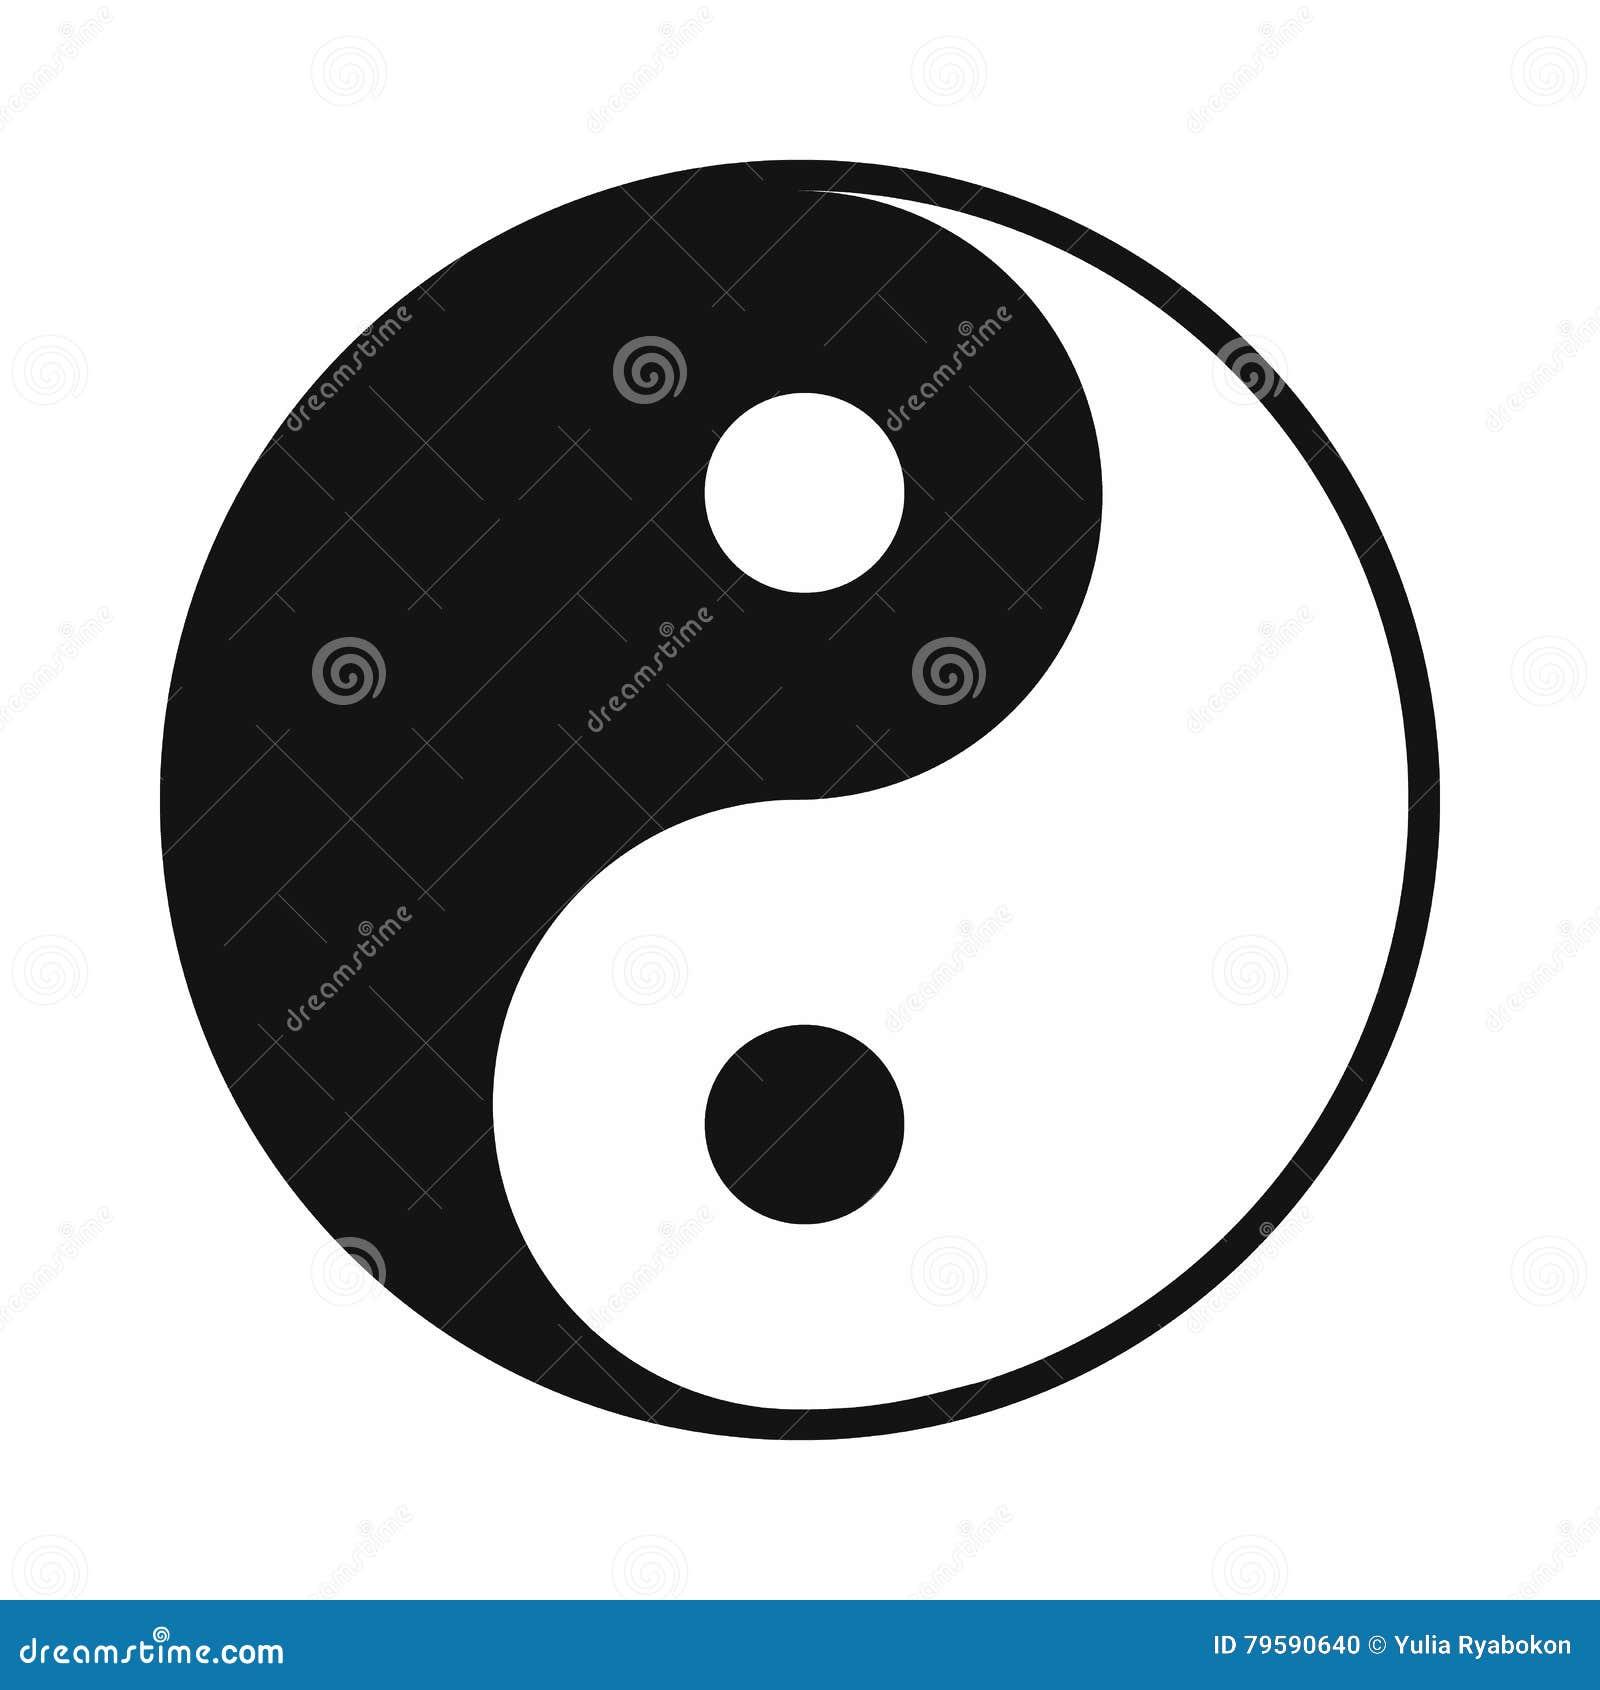 Ikone Ying Yang, einfache Art